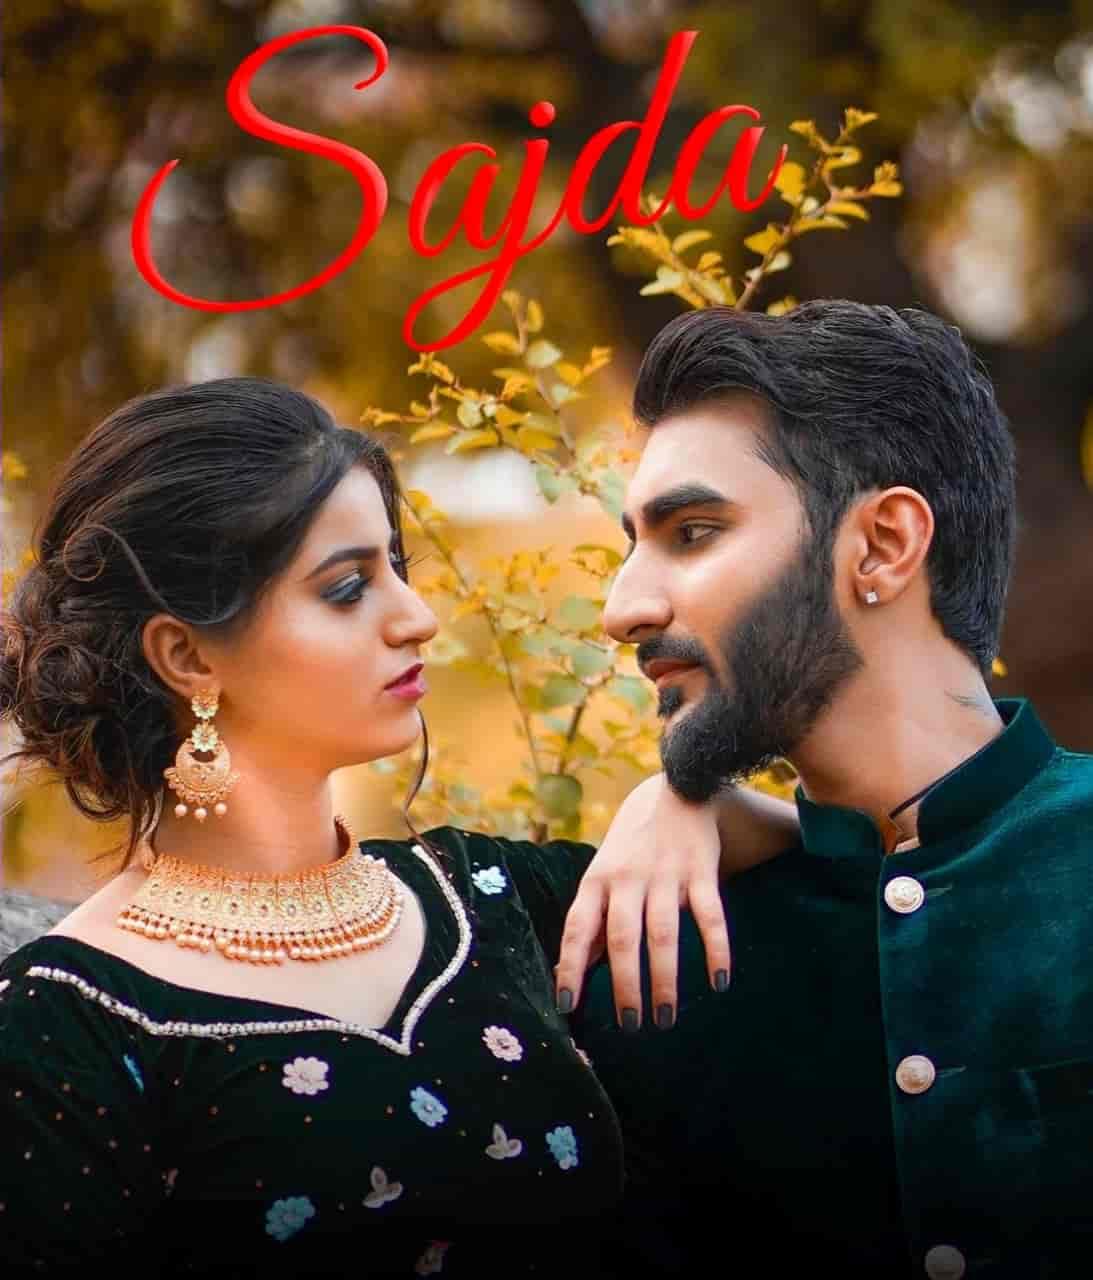 Sajda Sad hindi Rap song features Rcr And Saniya Khera